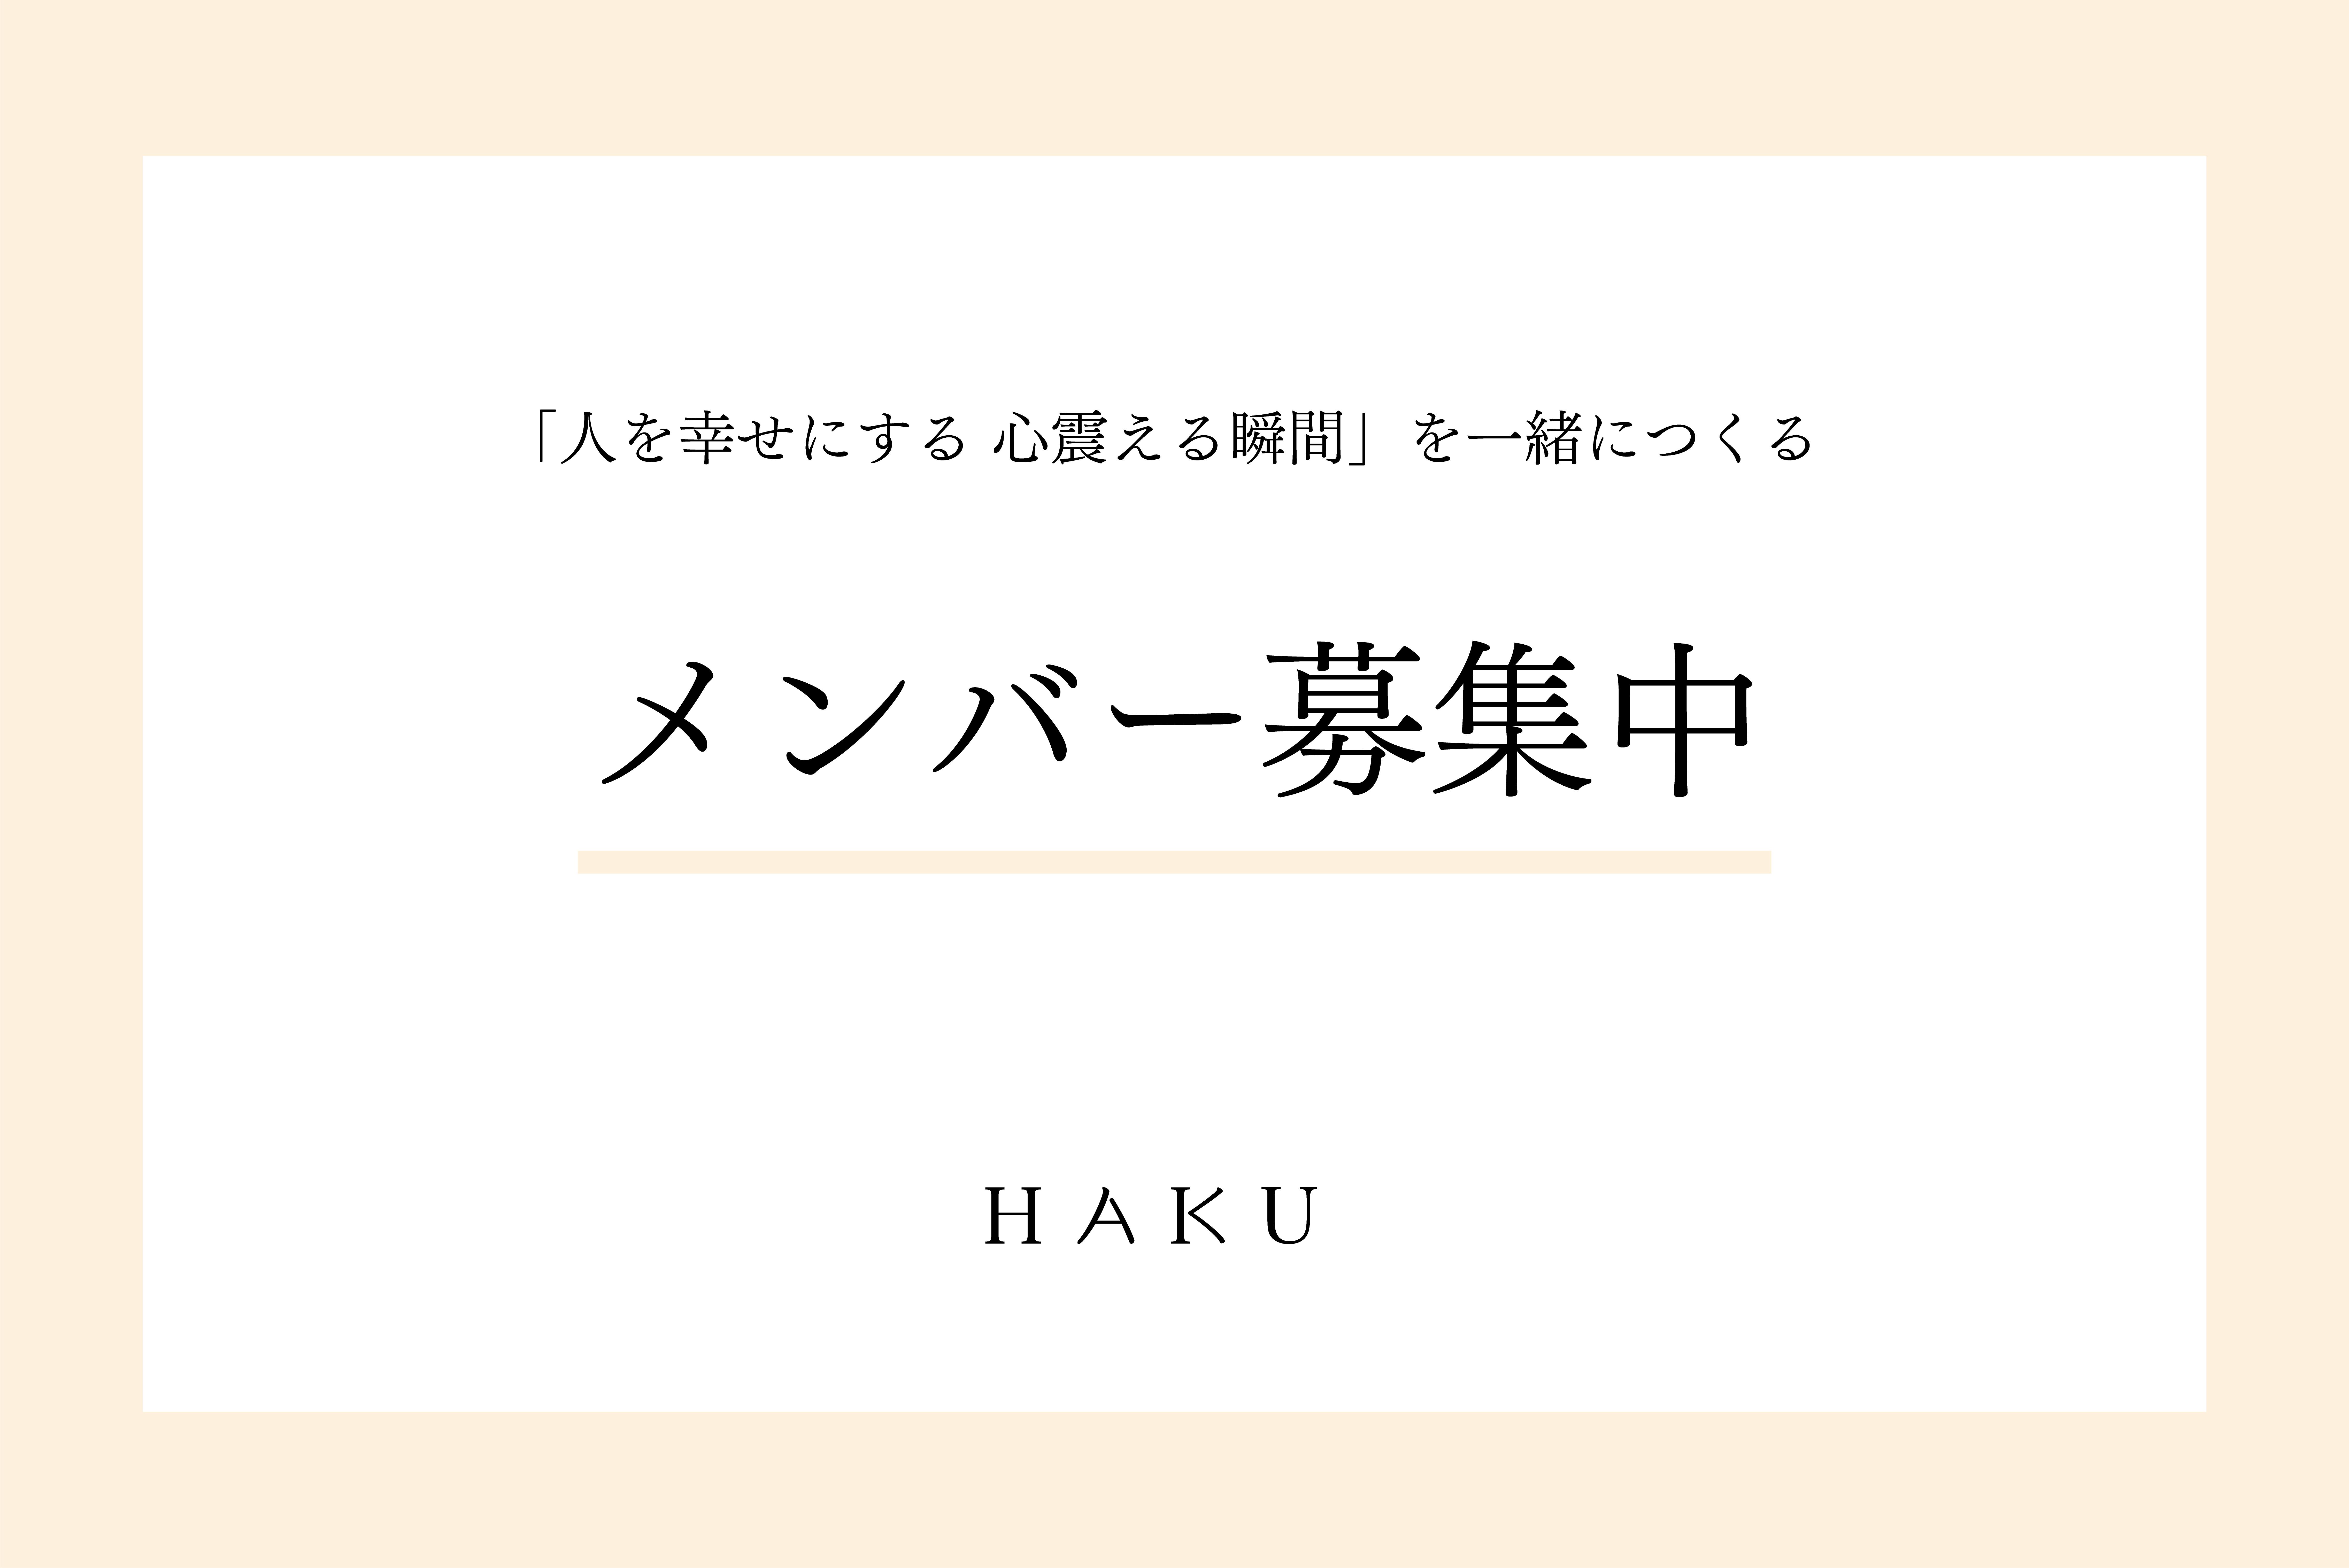 プロデューサー&デザイナー募集中!